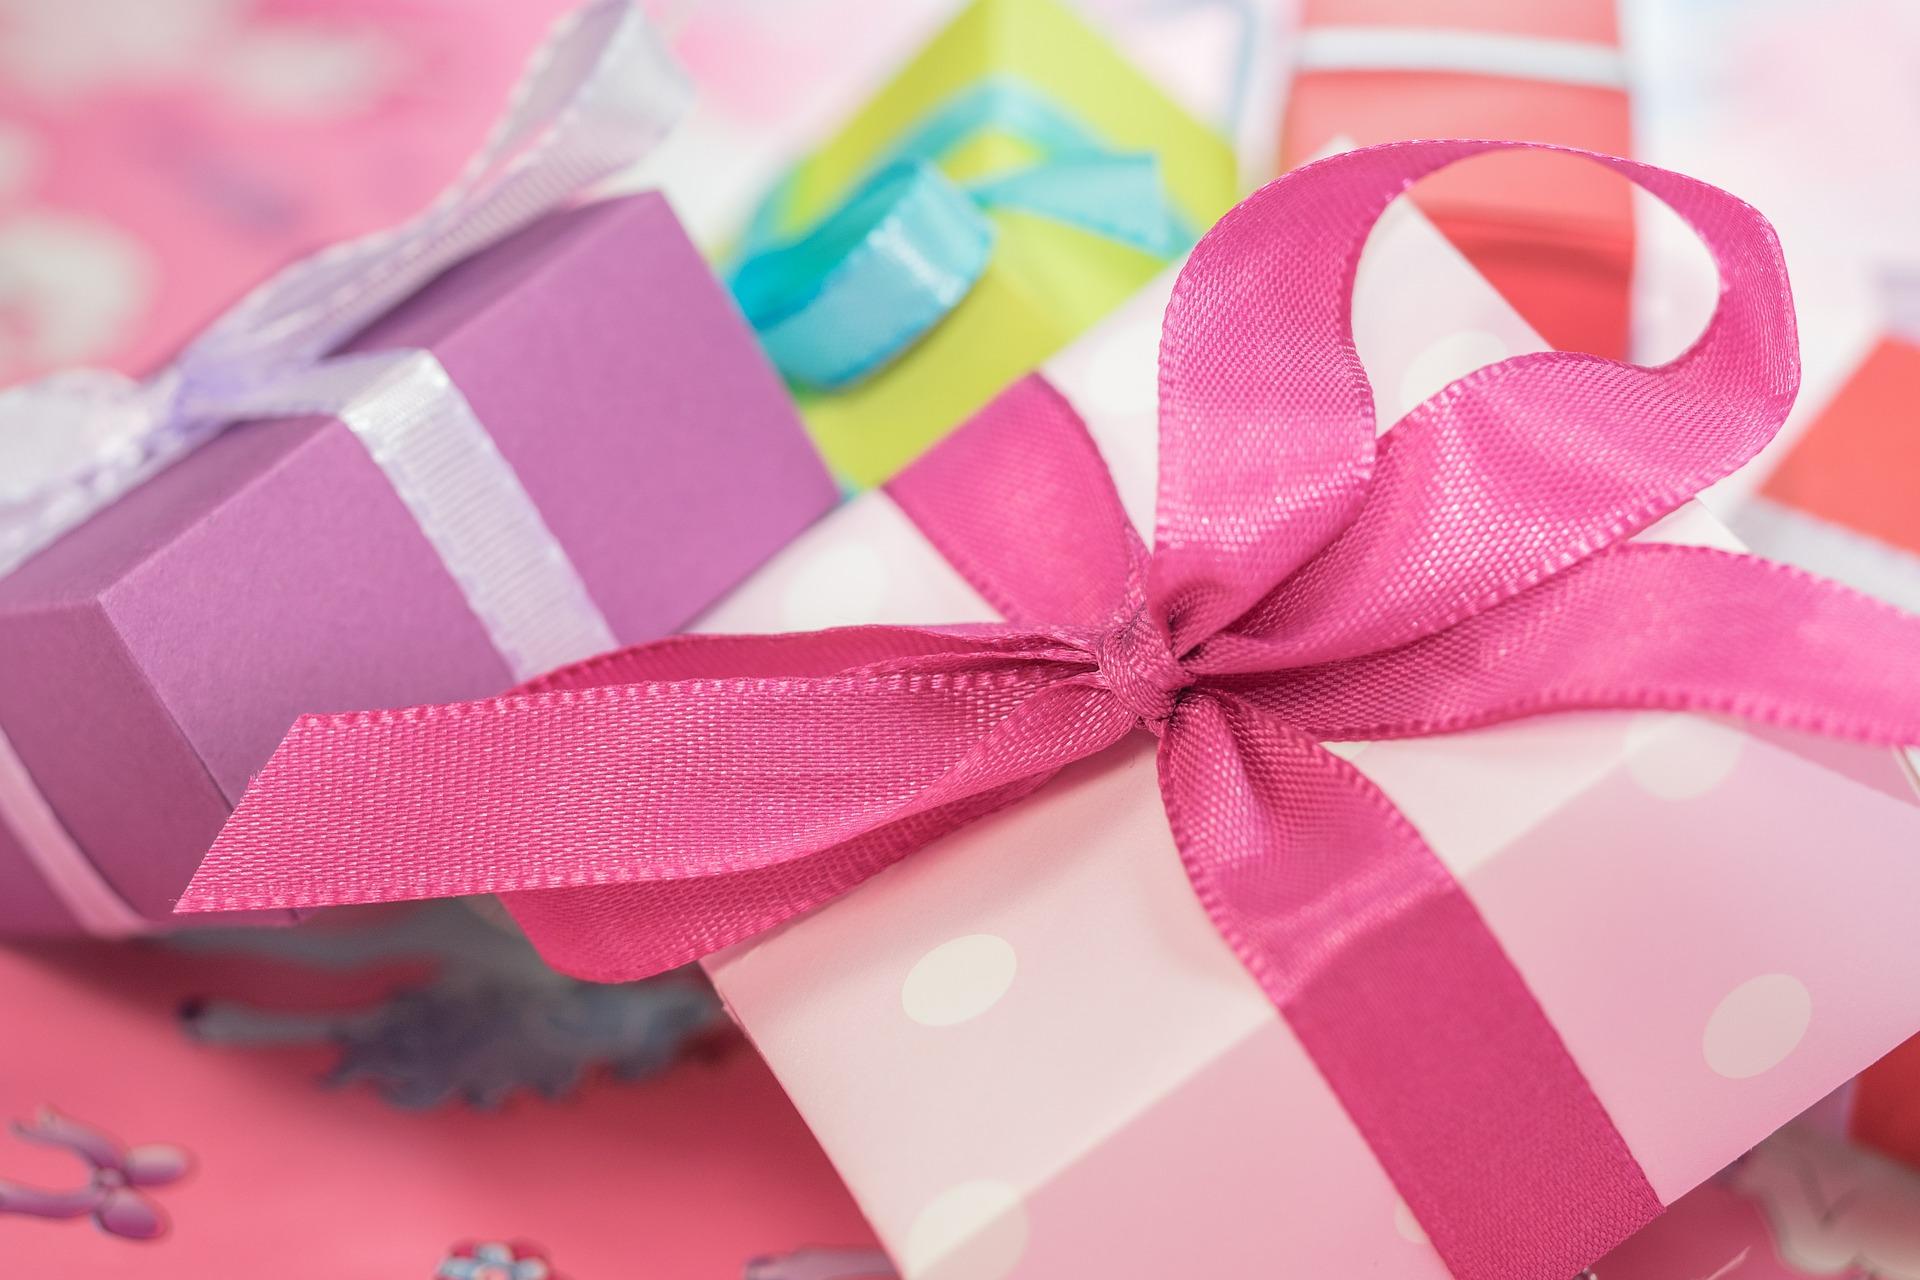 Idées de cadeaux originales pour offrir aux enfants